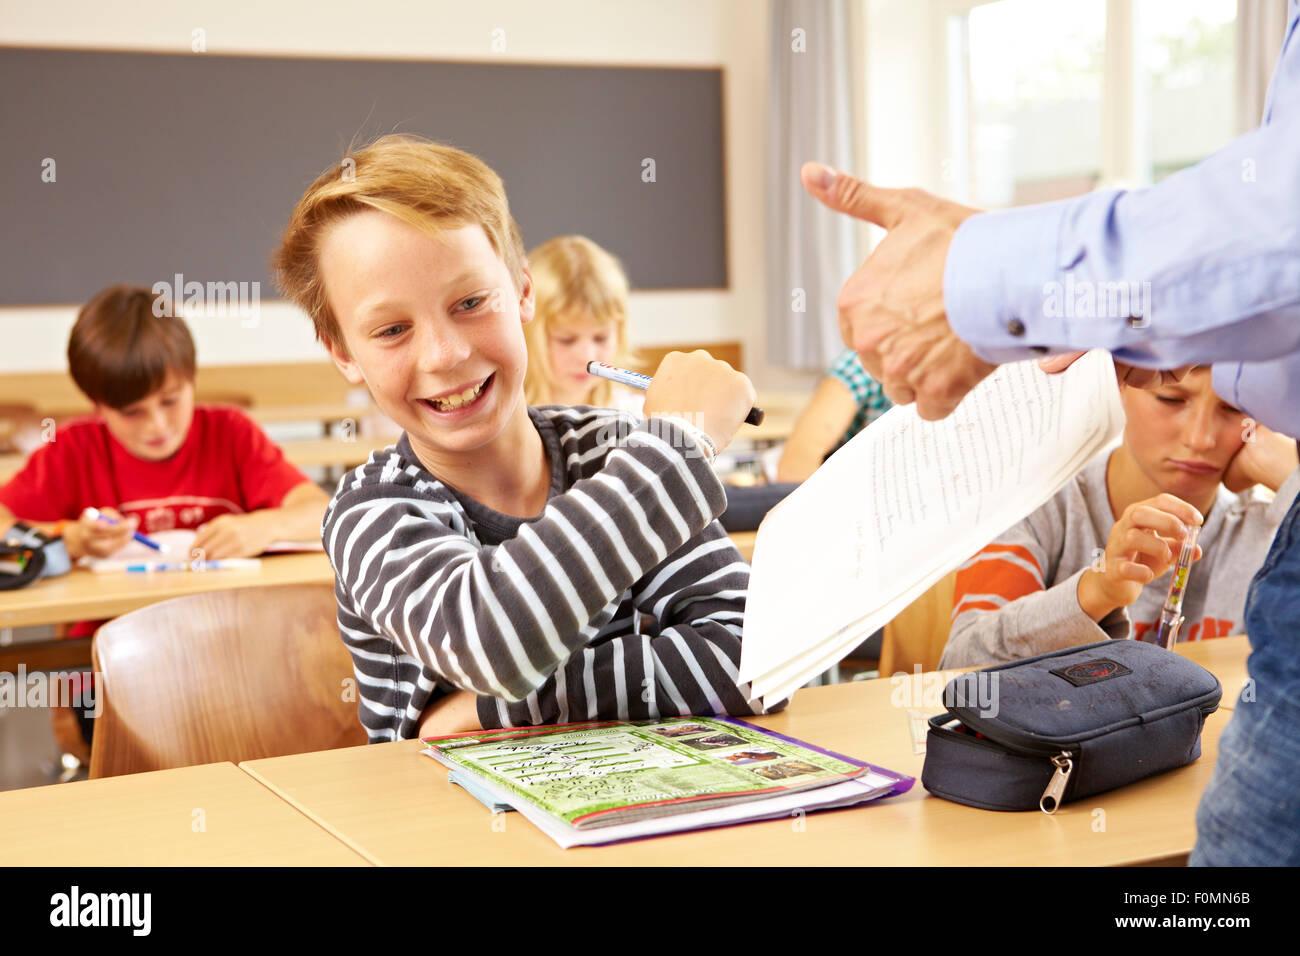 Junge freut sich über eine gute Note in der Schule Stockbild